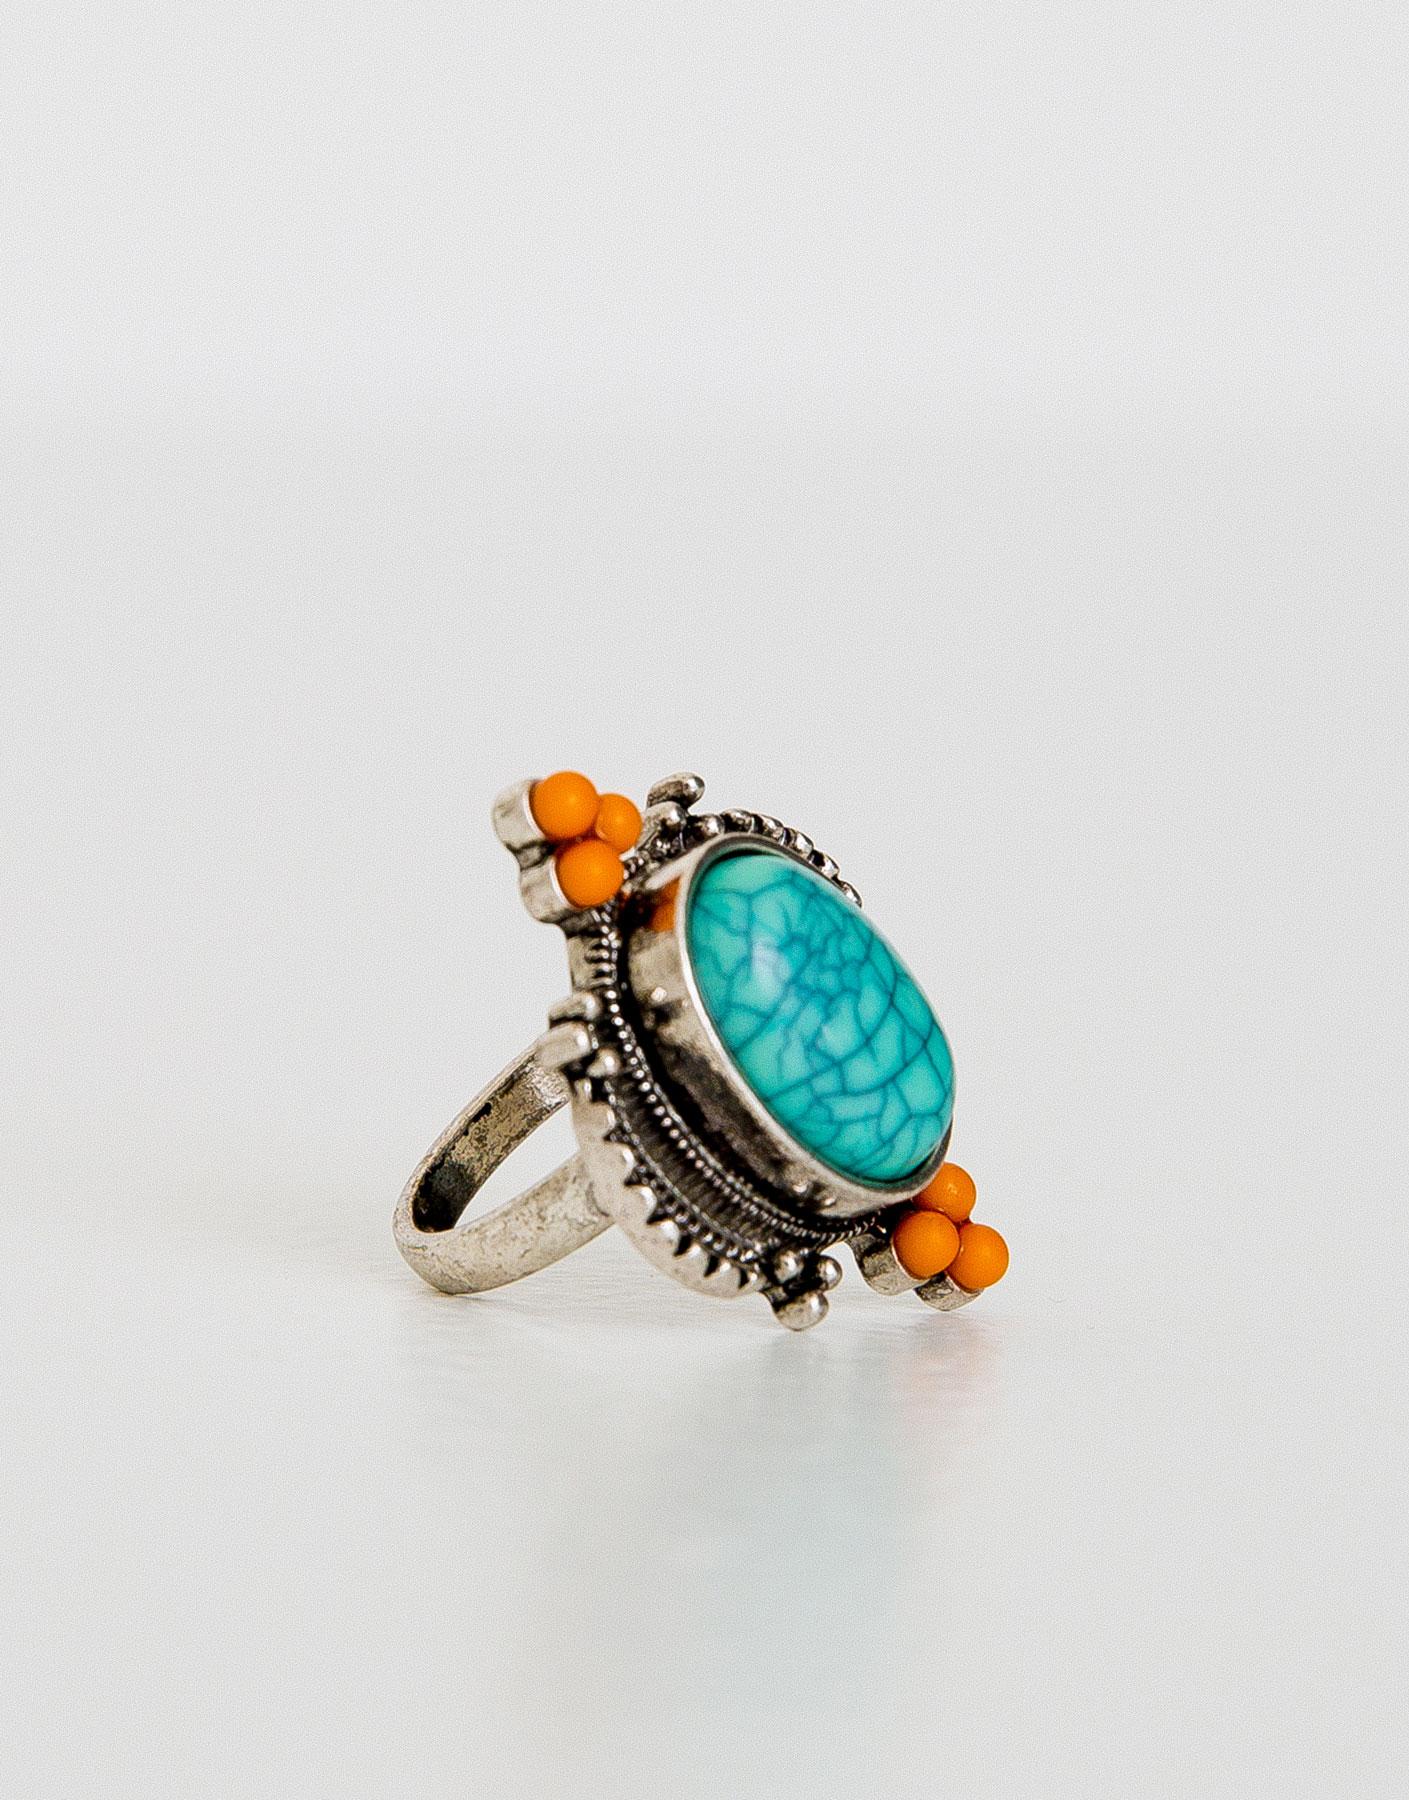 Anelo pedra turquesa